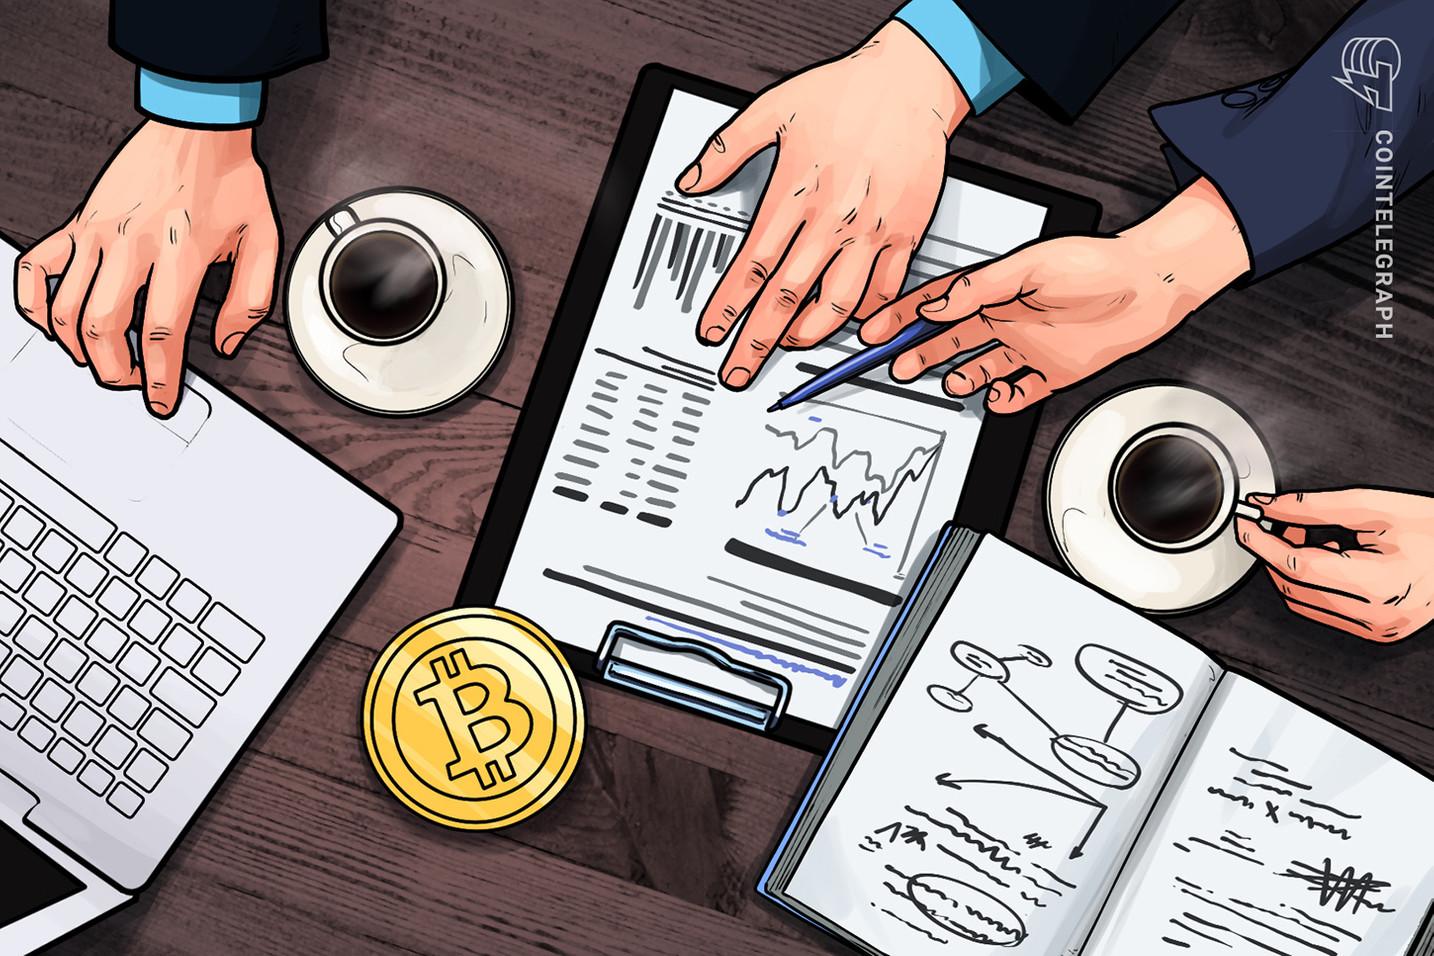 個人投資家がビットコイン売却を主導か、オンチェーンのデータからアナリストが指摘